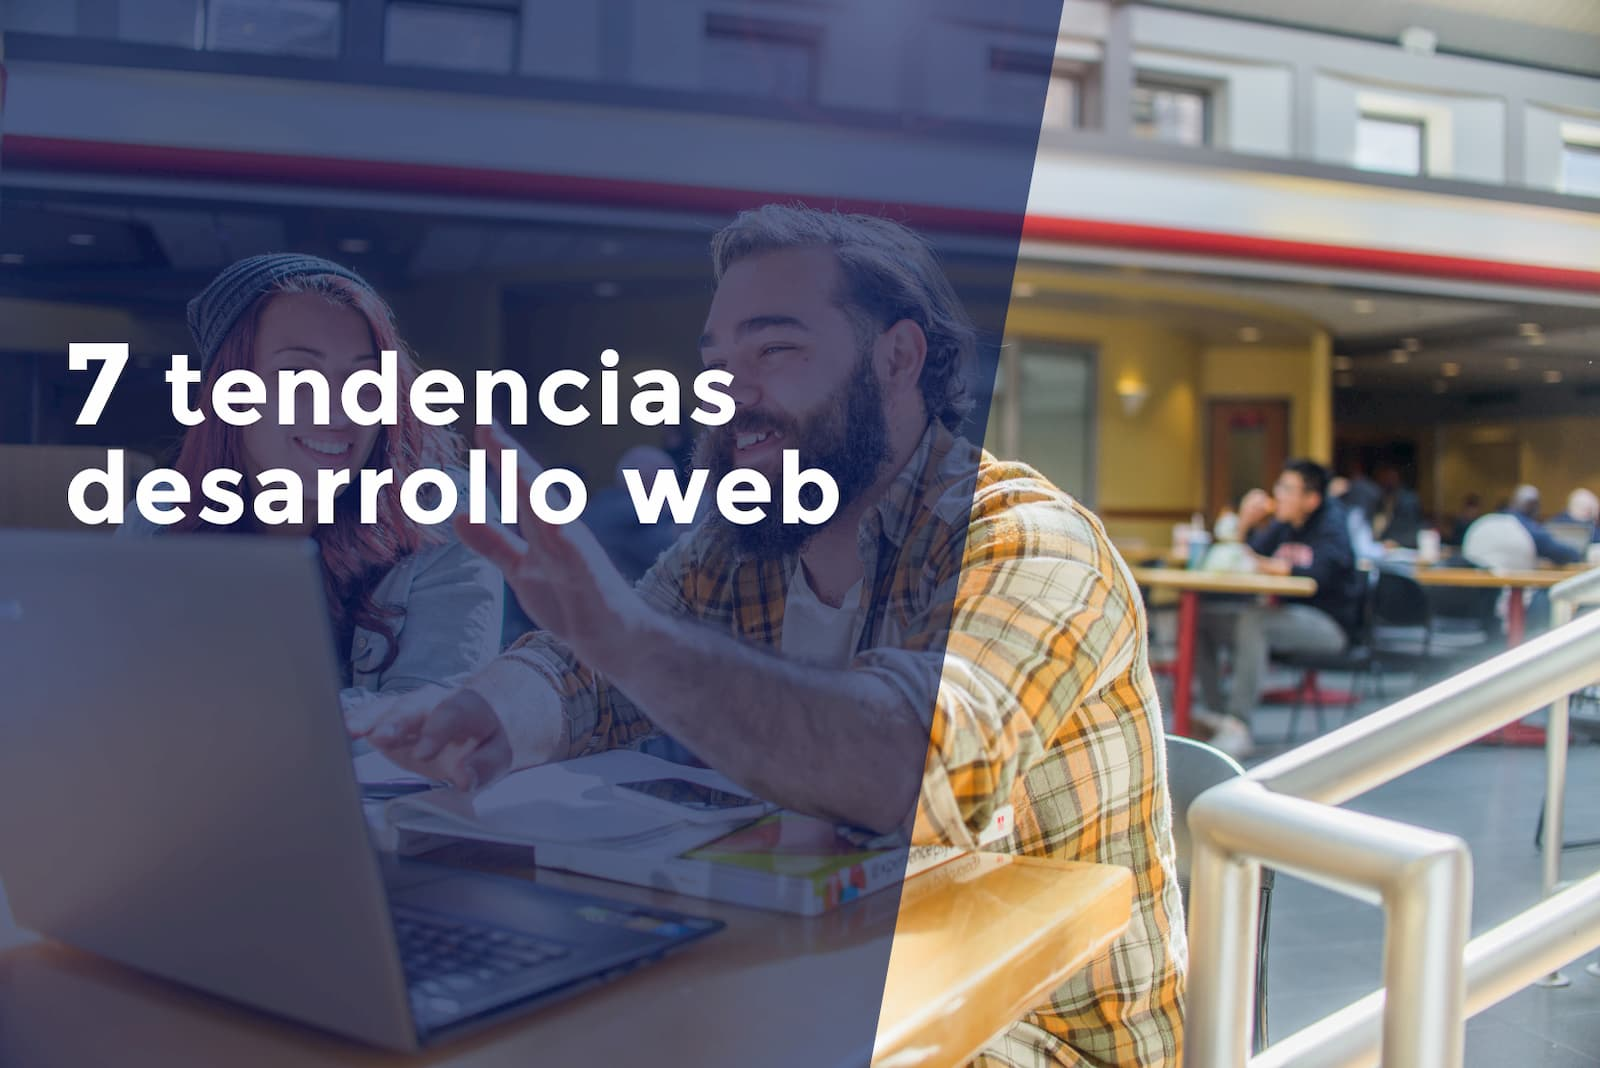 7 tendencias en desarrollo web para 2021